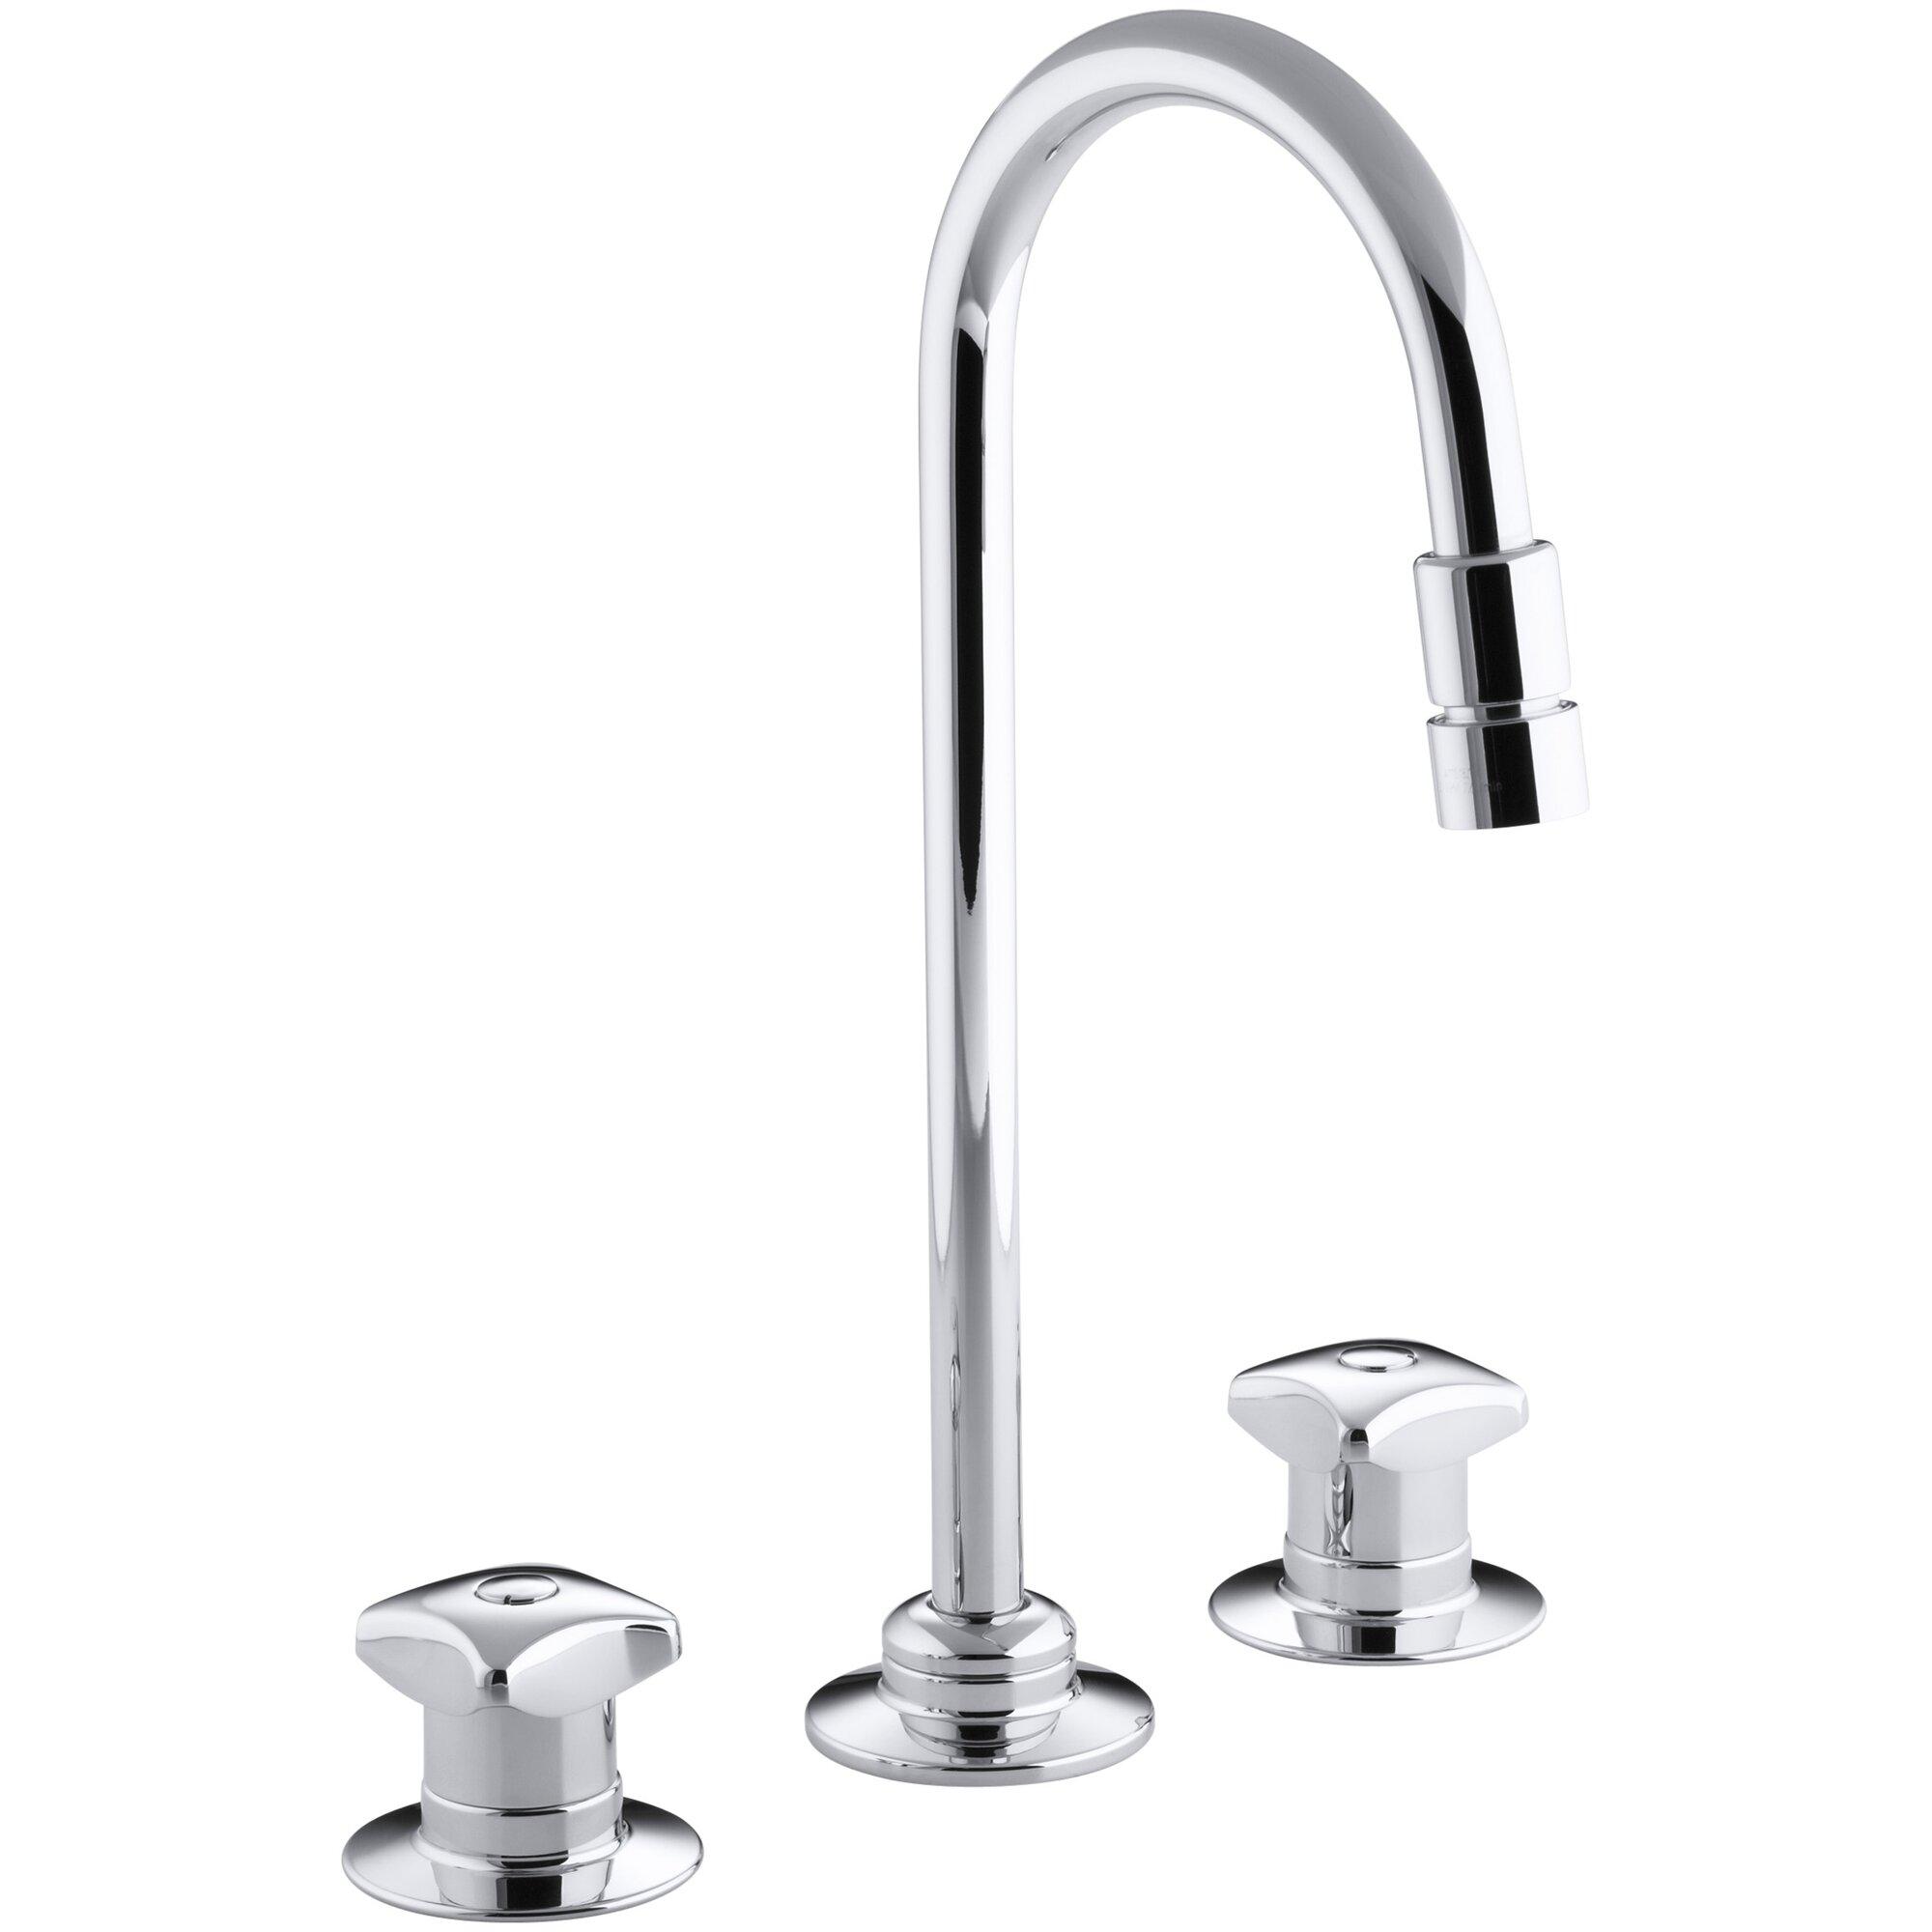 triton widespread commercial bathroom sink faucet with rigid